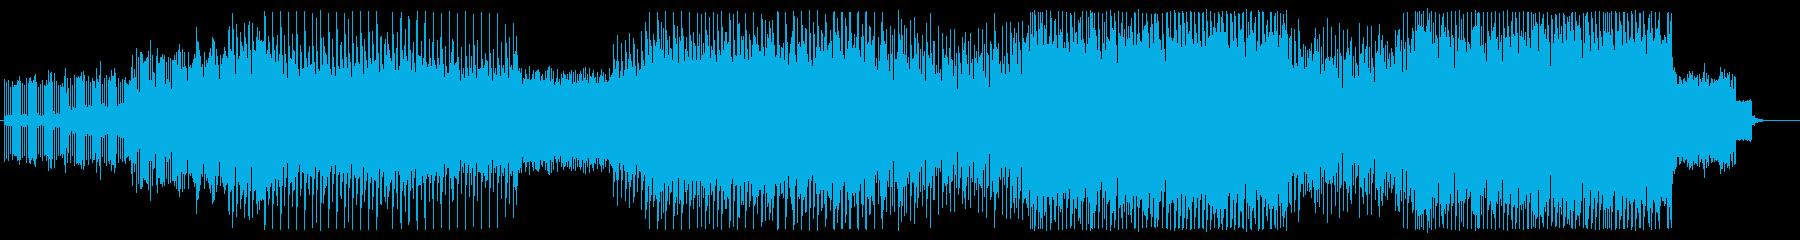 サイバー感溢れる電子音楽の再生済みの波形